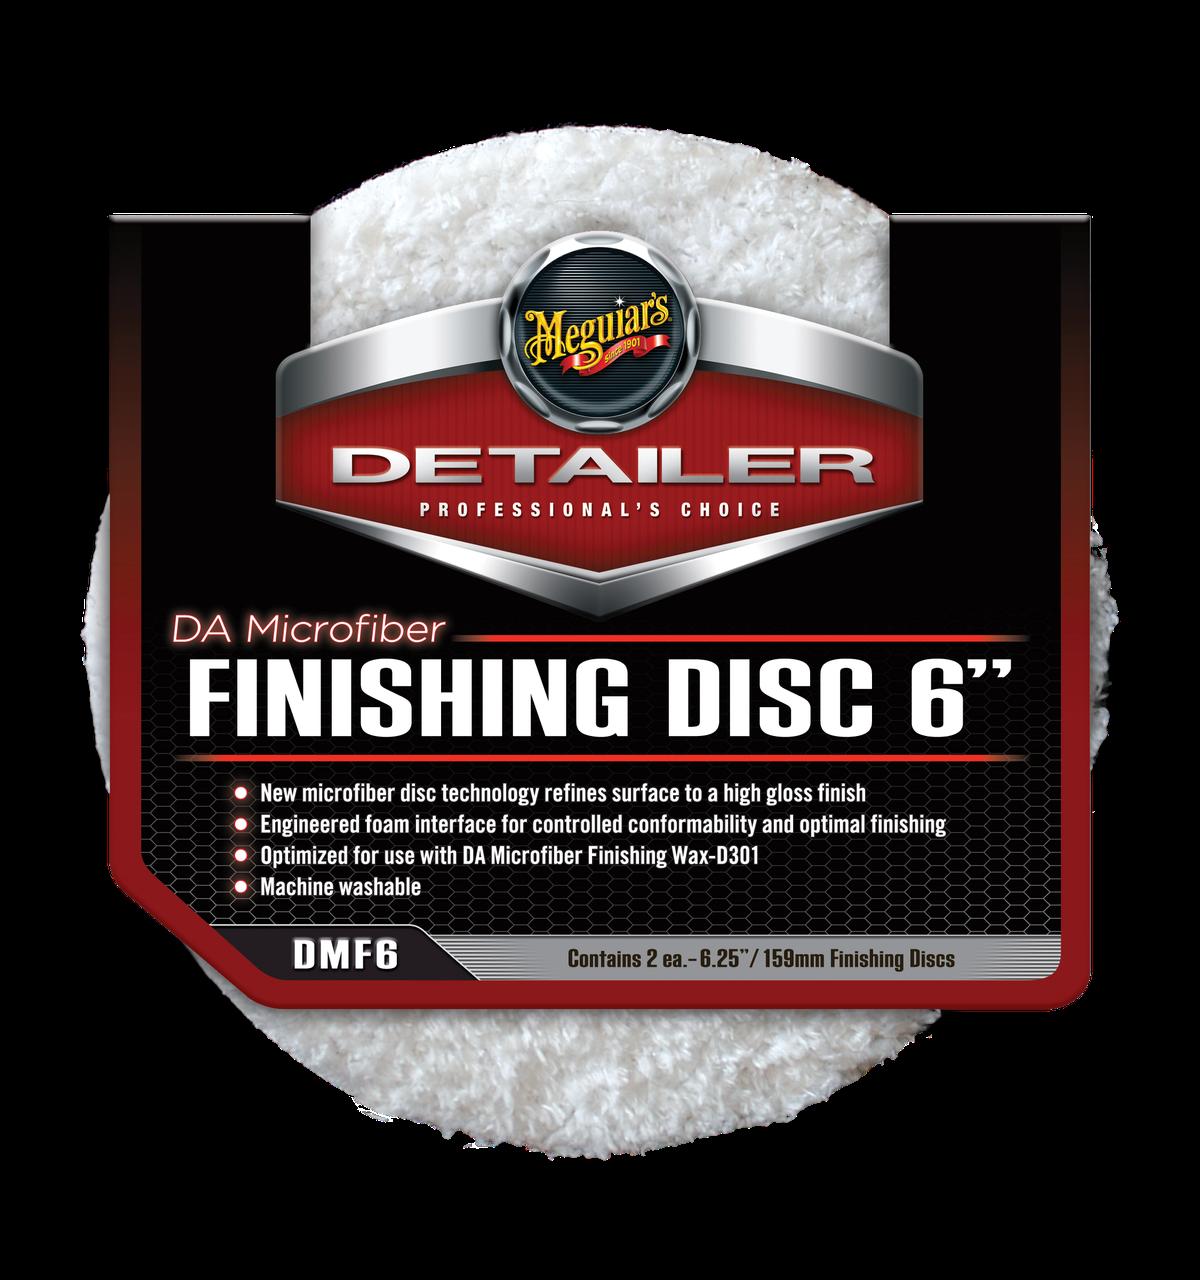 """Полірувальний круг микрофибровый фінішний - Meguiar's DA Microfiber Finishing Disc 6"""" 150 мм. білий (DMF6)"""